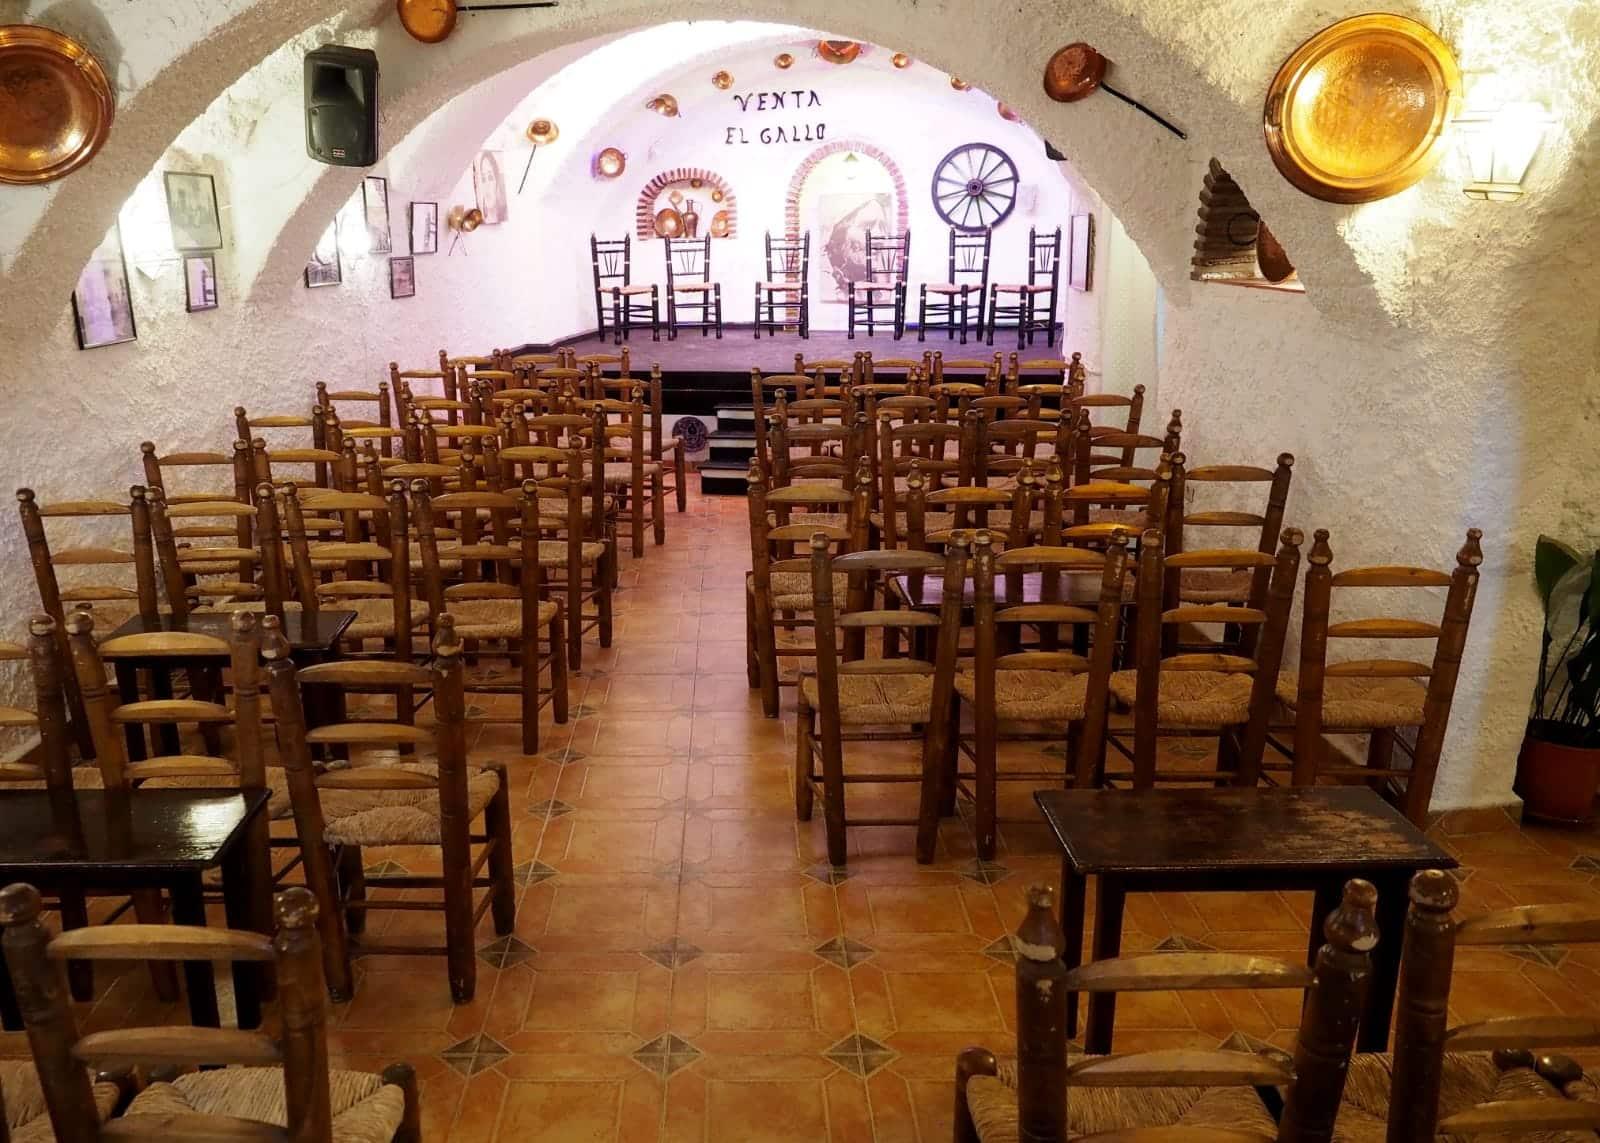 Sala Venta El Gallo